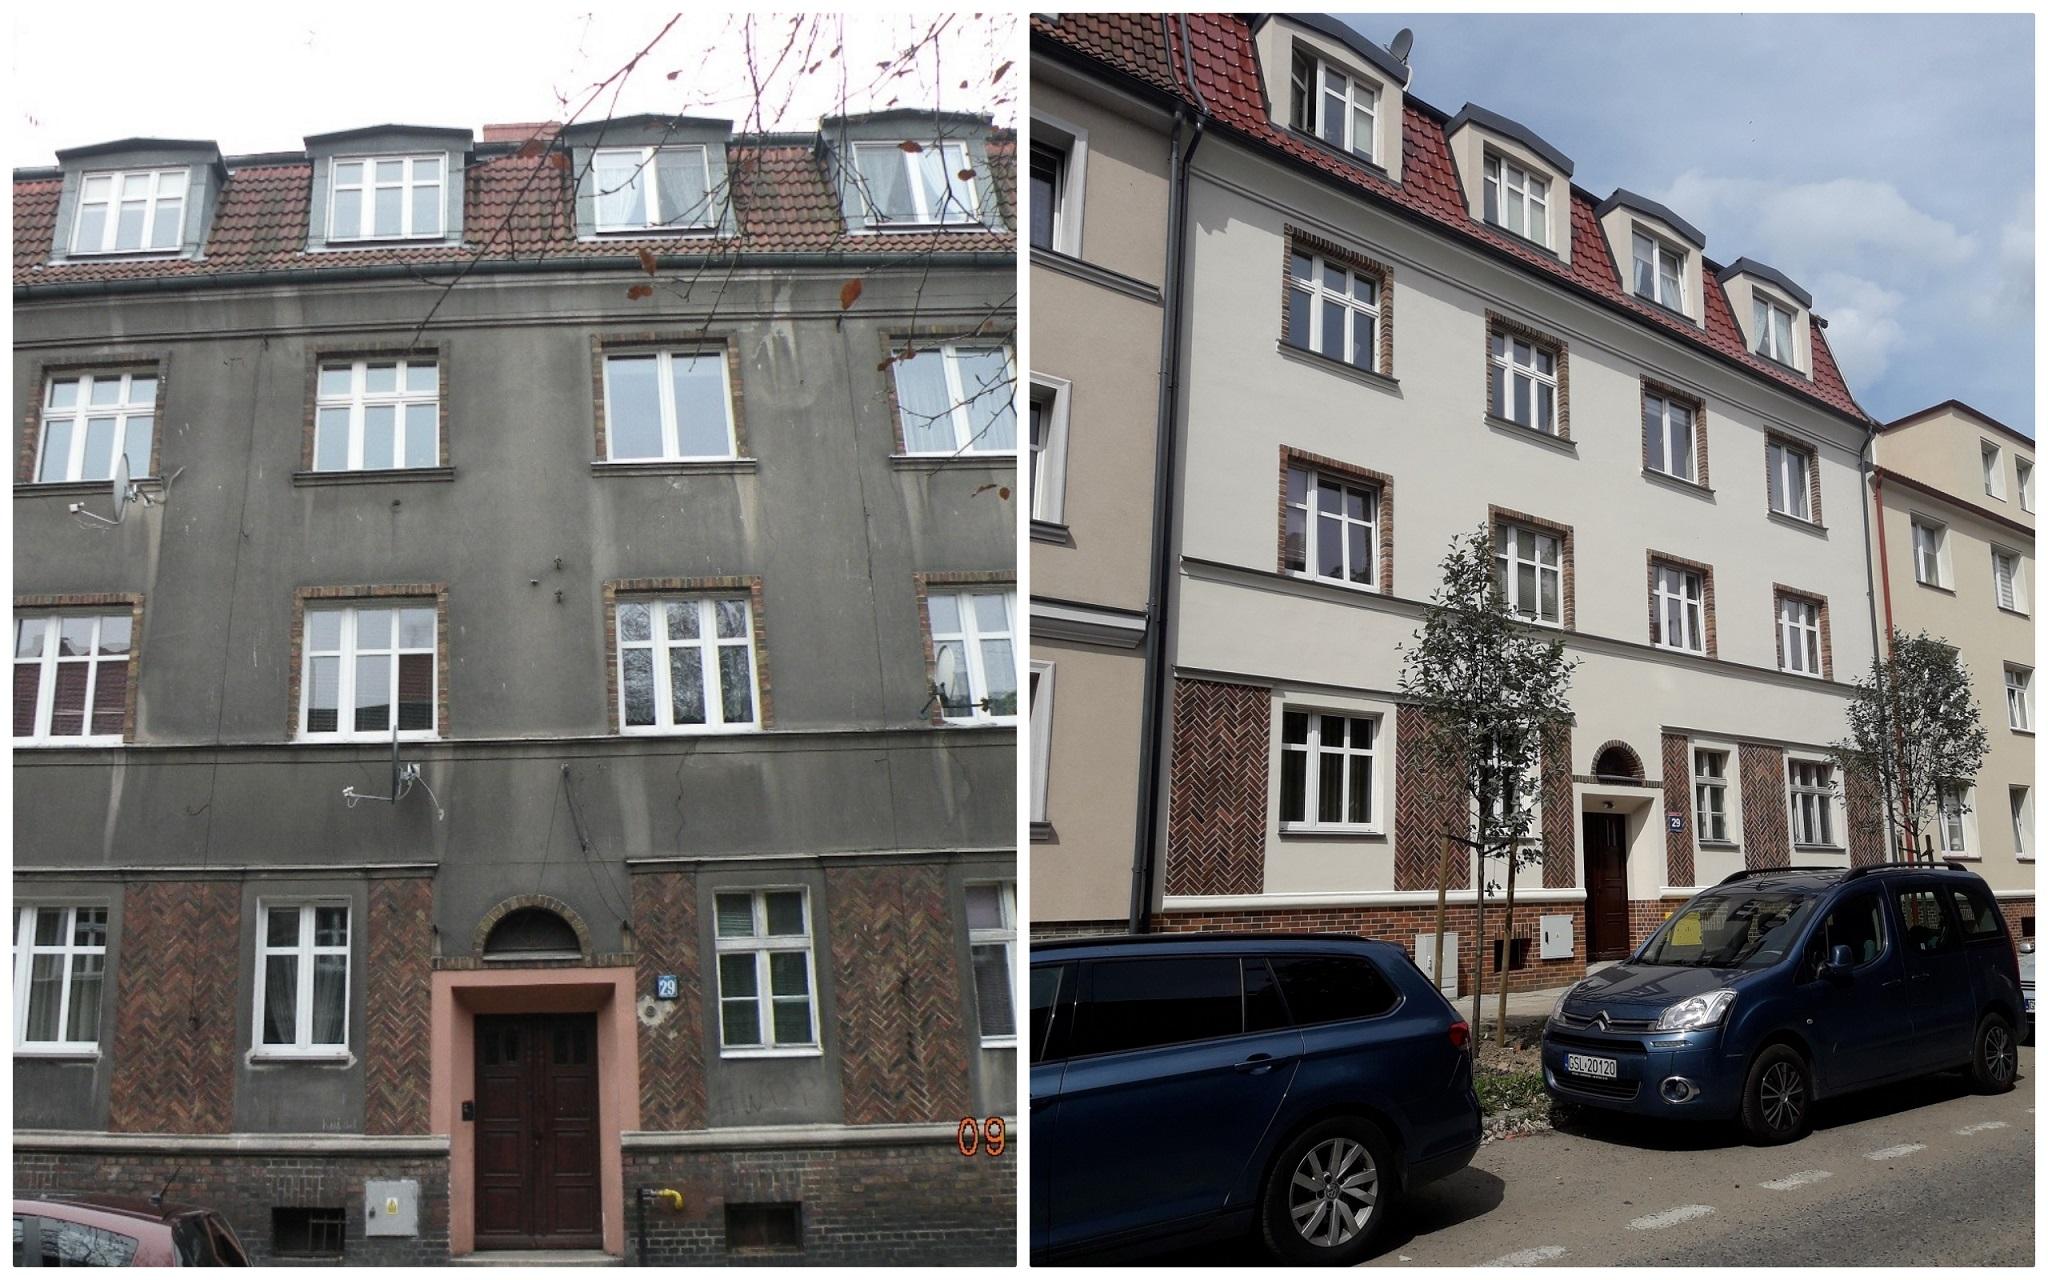 Kamienica przy ul. małachowskiego w Słupsku przed i po termomodernizacji